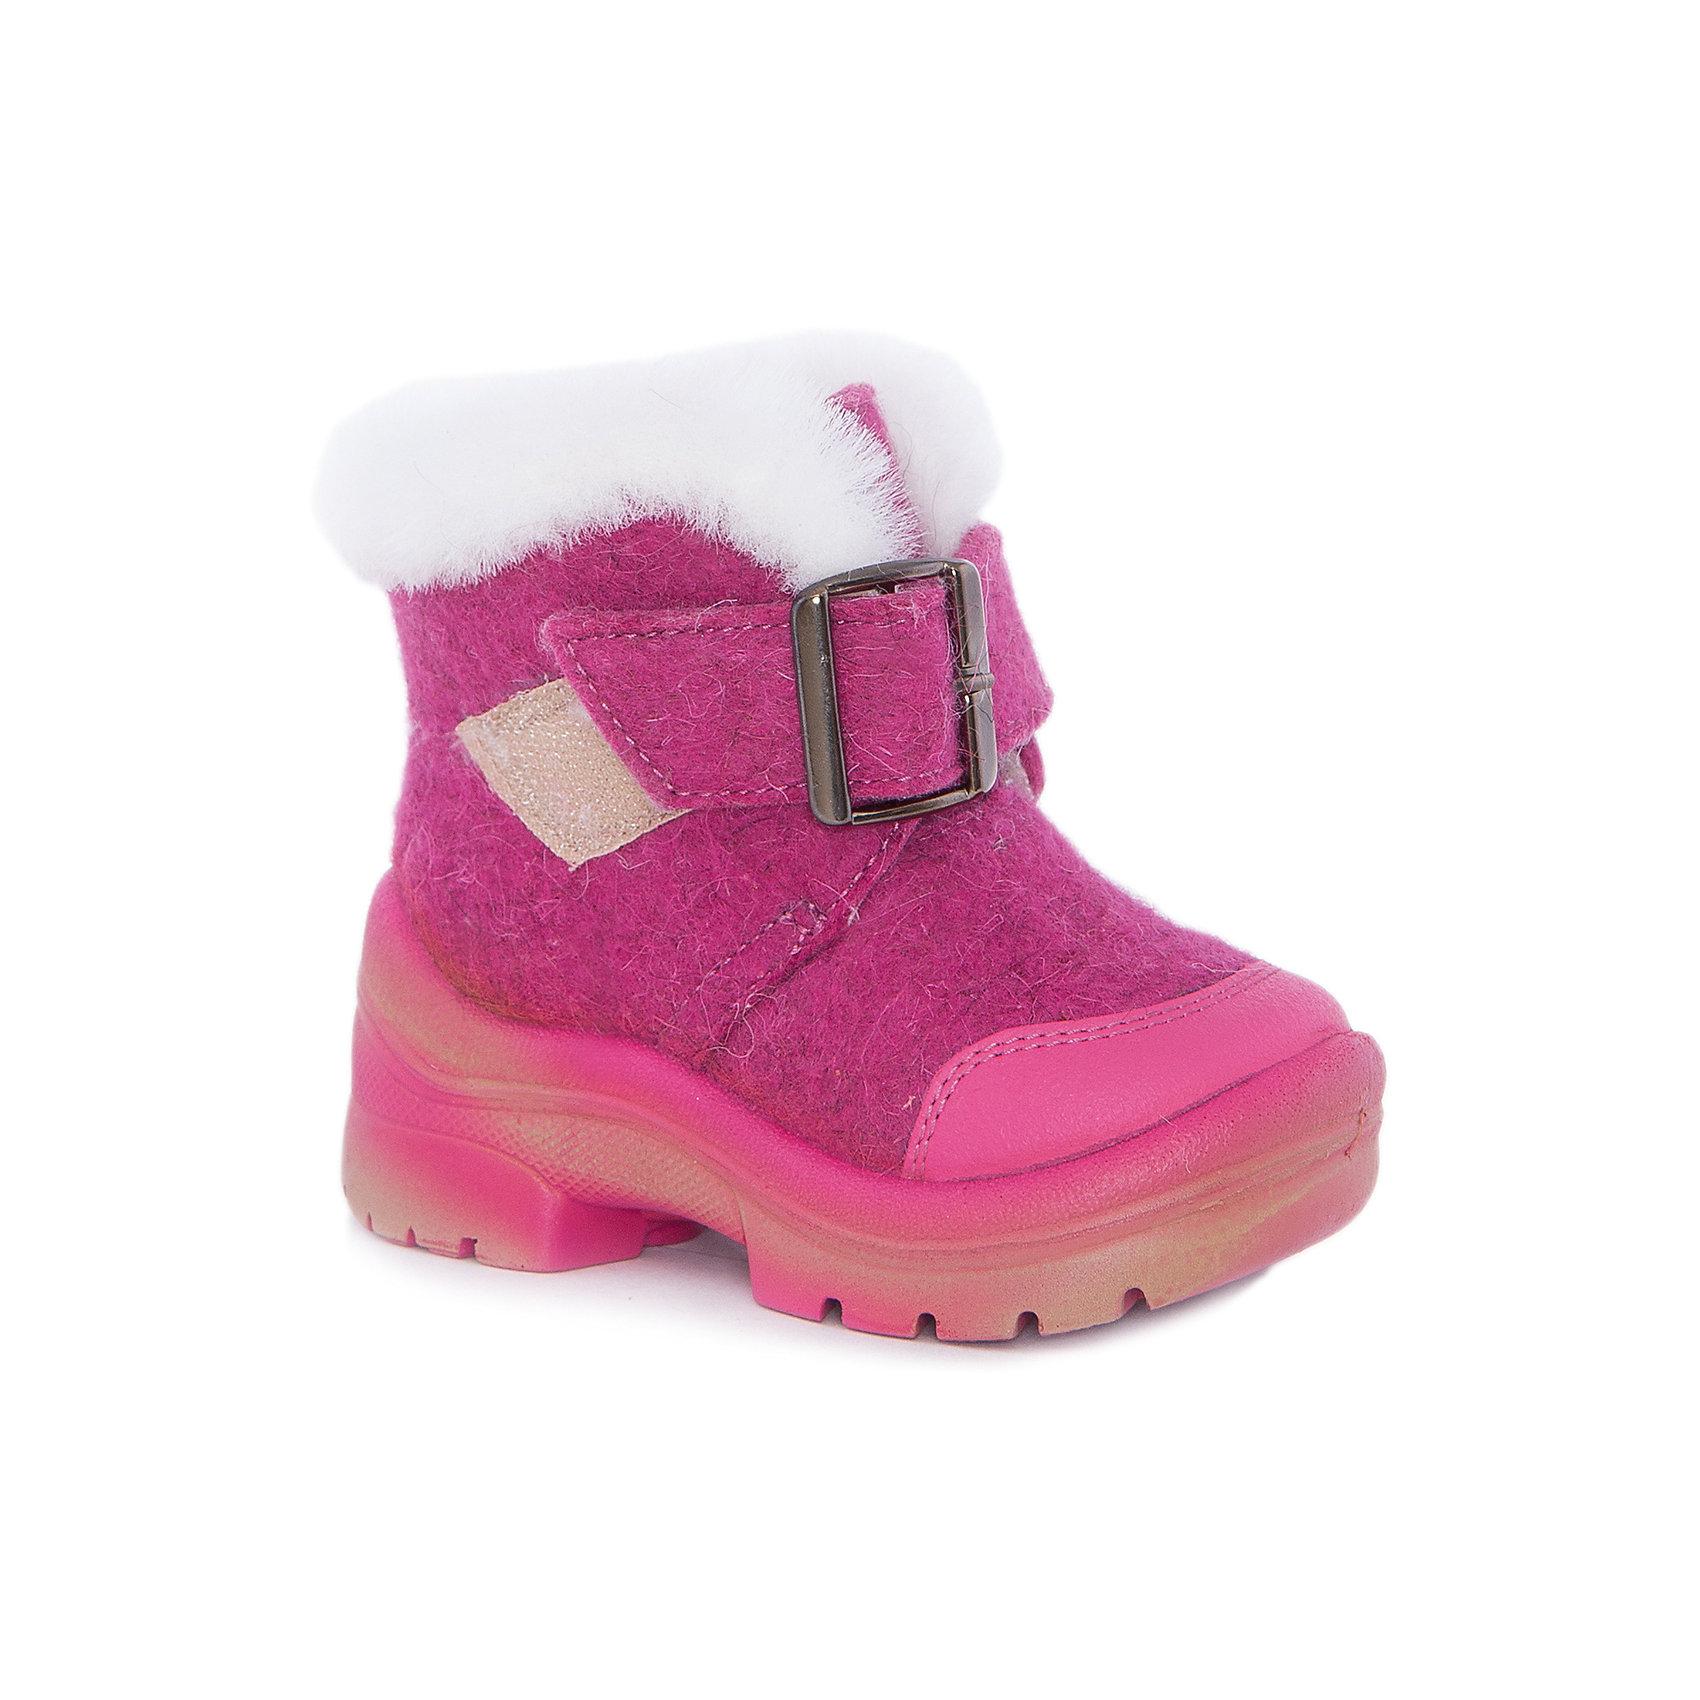 Валенки Ариша для девочки ФилипокВаленки<br>Характеристики товара:<br><br>• цвет: розовый<br>• температурный режим: от -5° С до -30° С<br>• внешний материал: эко-войлок (натуральная шерсть)<br>• подкладка: натуральная овечья шерсть<br>• стелька: шерстяной войлок (3,5 мм)<br>• подошва: литая, полиуретан<br>• декорированы искусственным мехом и пряжкой<br>• подошва с анти скользящей с системой протектора anti slip<br>• защита носка - натуральная кожа с износостойкой пропиткой<br>• усиленная пятка<br>• толстая устойчивая подошва<br>• страна бренда: РФ<br>• страна изготовитель: РФ<br><br>Очень теплые и удобные валенки для ребенка от известного бренда детской обуви Филипок созданы специально для русской зимы. Качественные материалы с пропиткой против попадания воды внутрь и модный дизайн понравятся и малышам и их родителям. Подошва и стелька обеспечат ребенку комфорт, сухость и тепло, позволяя в полной мере наслаждаться зимним отдыхом. Усиленная защита пятки и носка обеспечивает дополнительную безопасность детских ног в этих сапожках.<br>Эта красивая и удобная обувь прослужит долго благодаря отличному качеству. Производитель анти скользящее покрытие и амортизирующие свойства подошвы! Модель производится из качественных и проверенных материалов, которые безопасны для детей.<br><br>Валенки для девочки от бренда Филипок можно купить в нашем интернет-магазине.<br><br>Ширина мм: 257<br>Глубина мм: 180<br>Высота мм: 130<br>Вес г: 420<br>Цвет: розовый<br>Возраст от месяцев: 24<br>Возраст до месяцев: 24<br>Пол: Женский<br>Возраст: Детский<br>Размер: 25,26,27,28,29,30,22,23,24<br>SKU: 5132401